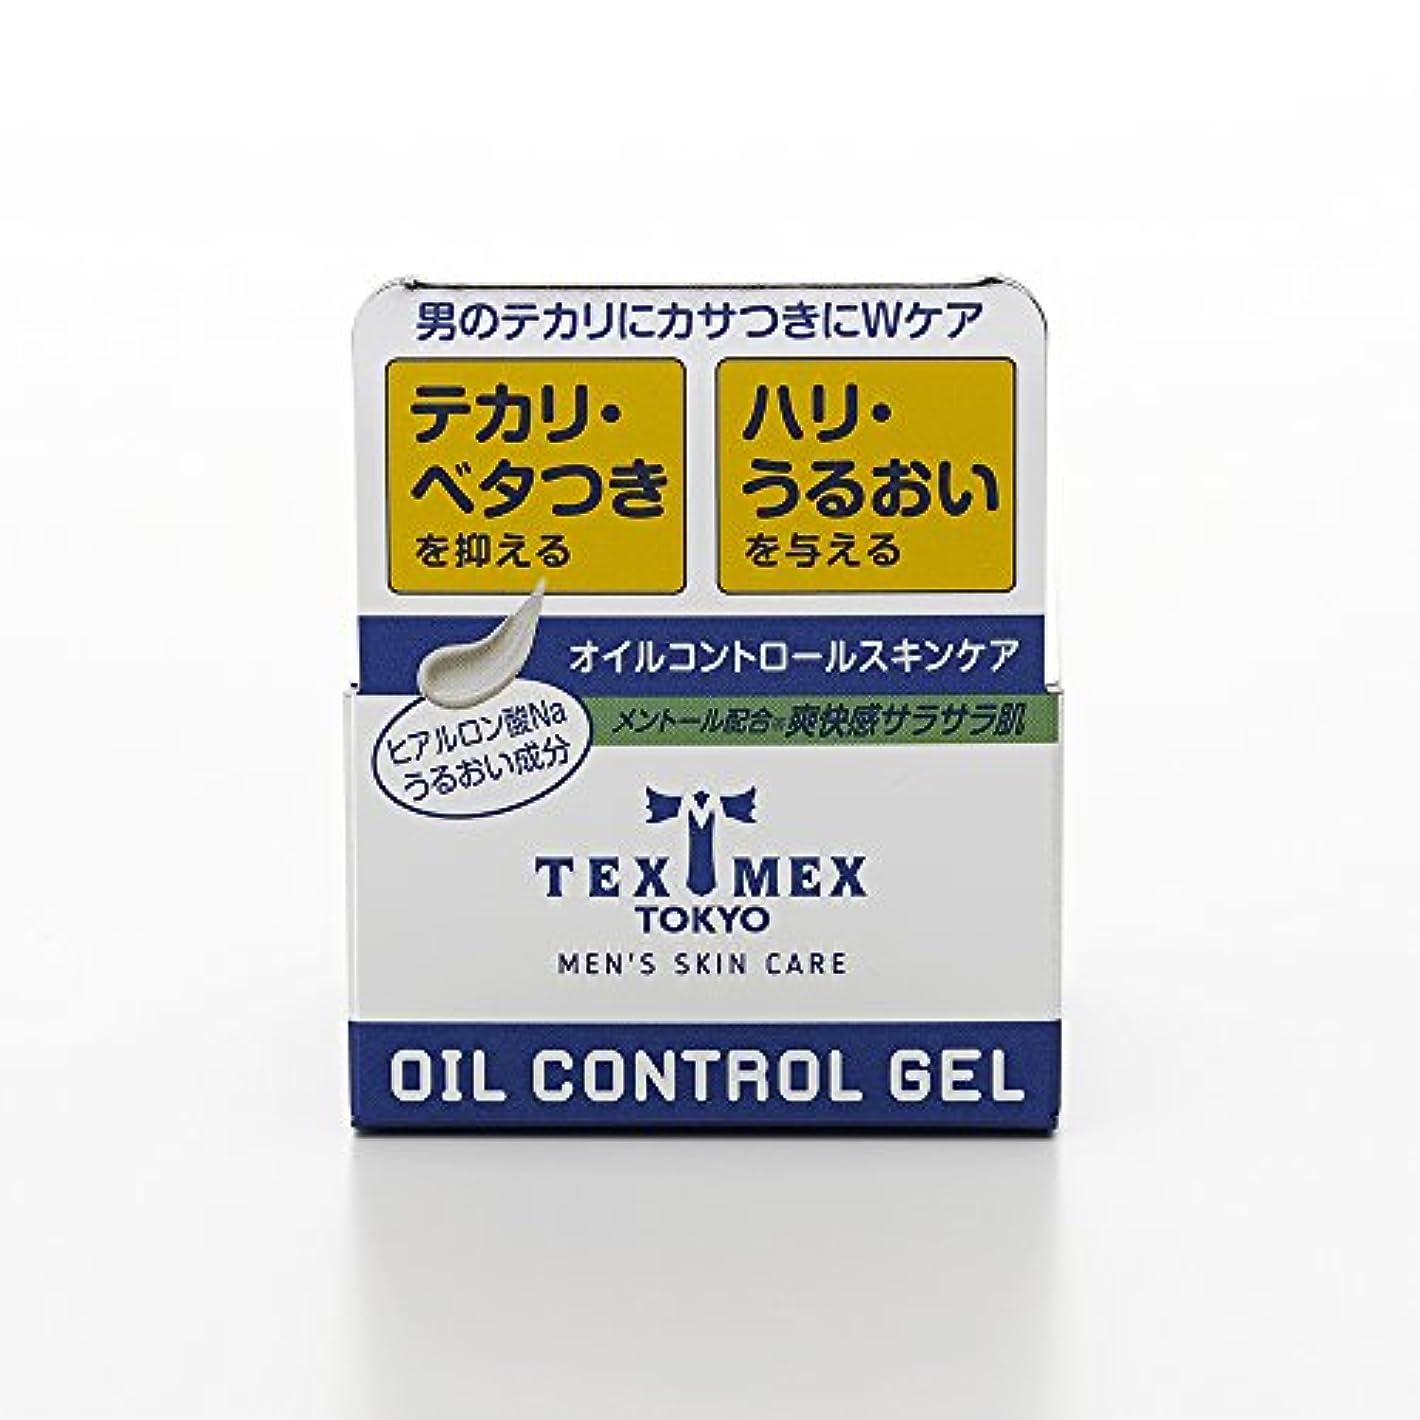 セージシェトランド諸島力強いテックスメックス オイルコントロールジェル 24g (テカリ防止ジェル) 【塗るだけでサラサラ肌に】